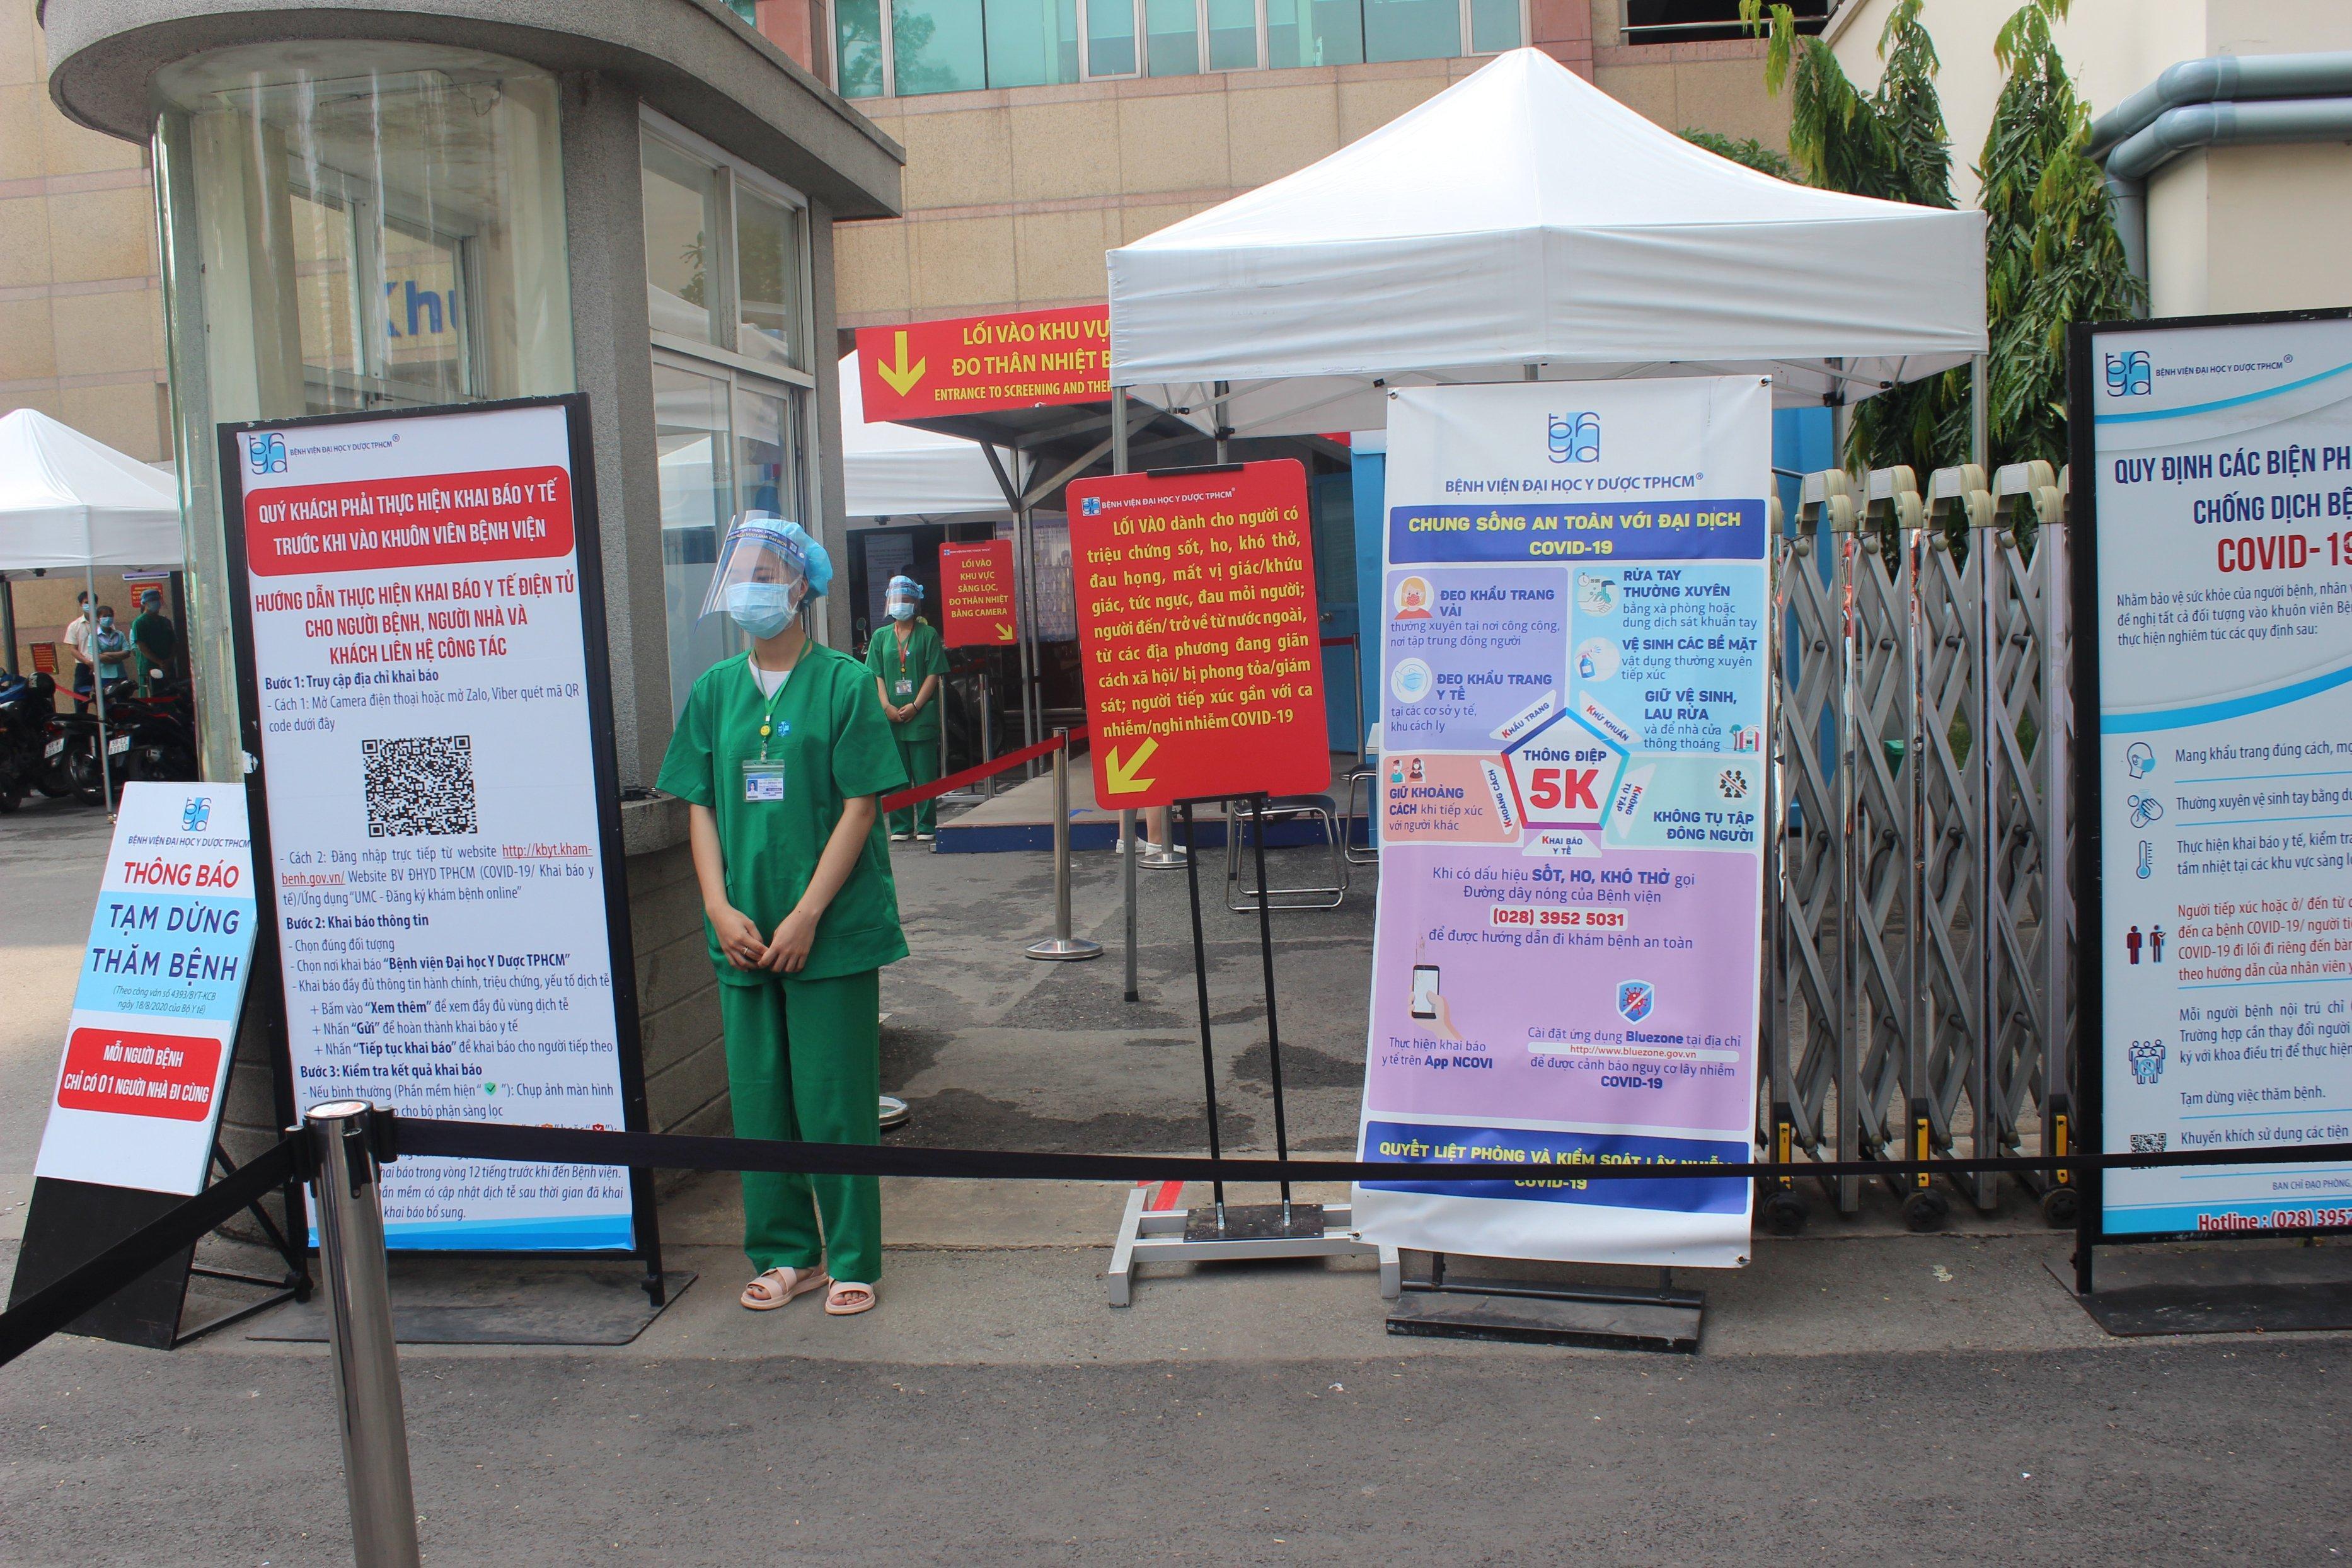 Giả định có ca COVID-19 để kiểm tra cách xử trí tại bệnh viện tiếp nhận người khám lớn nhất Việt Nam Ảnh 3